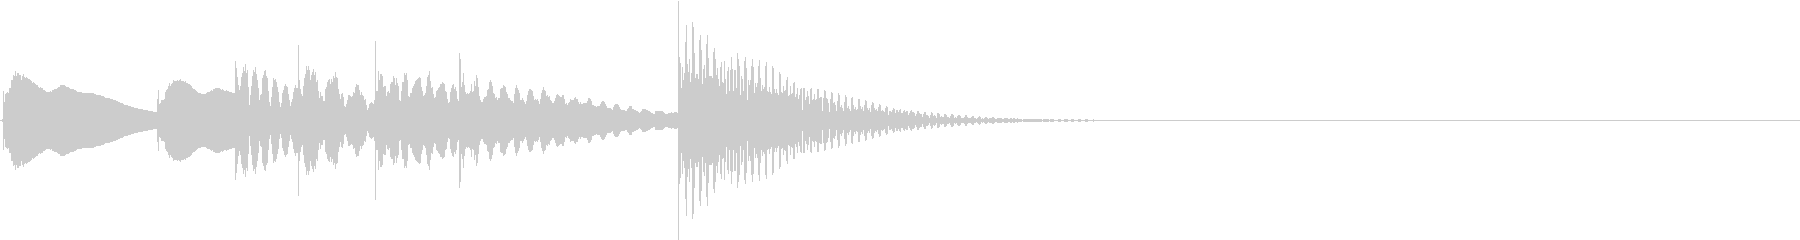 可愛いマリンバの転換のための効果音#1の未再生の波形